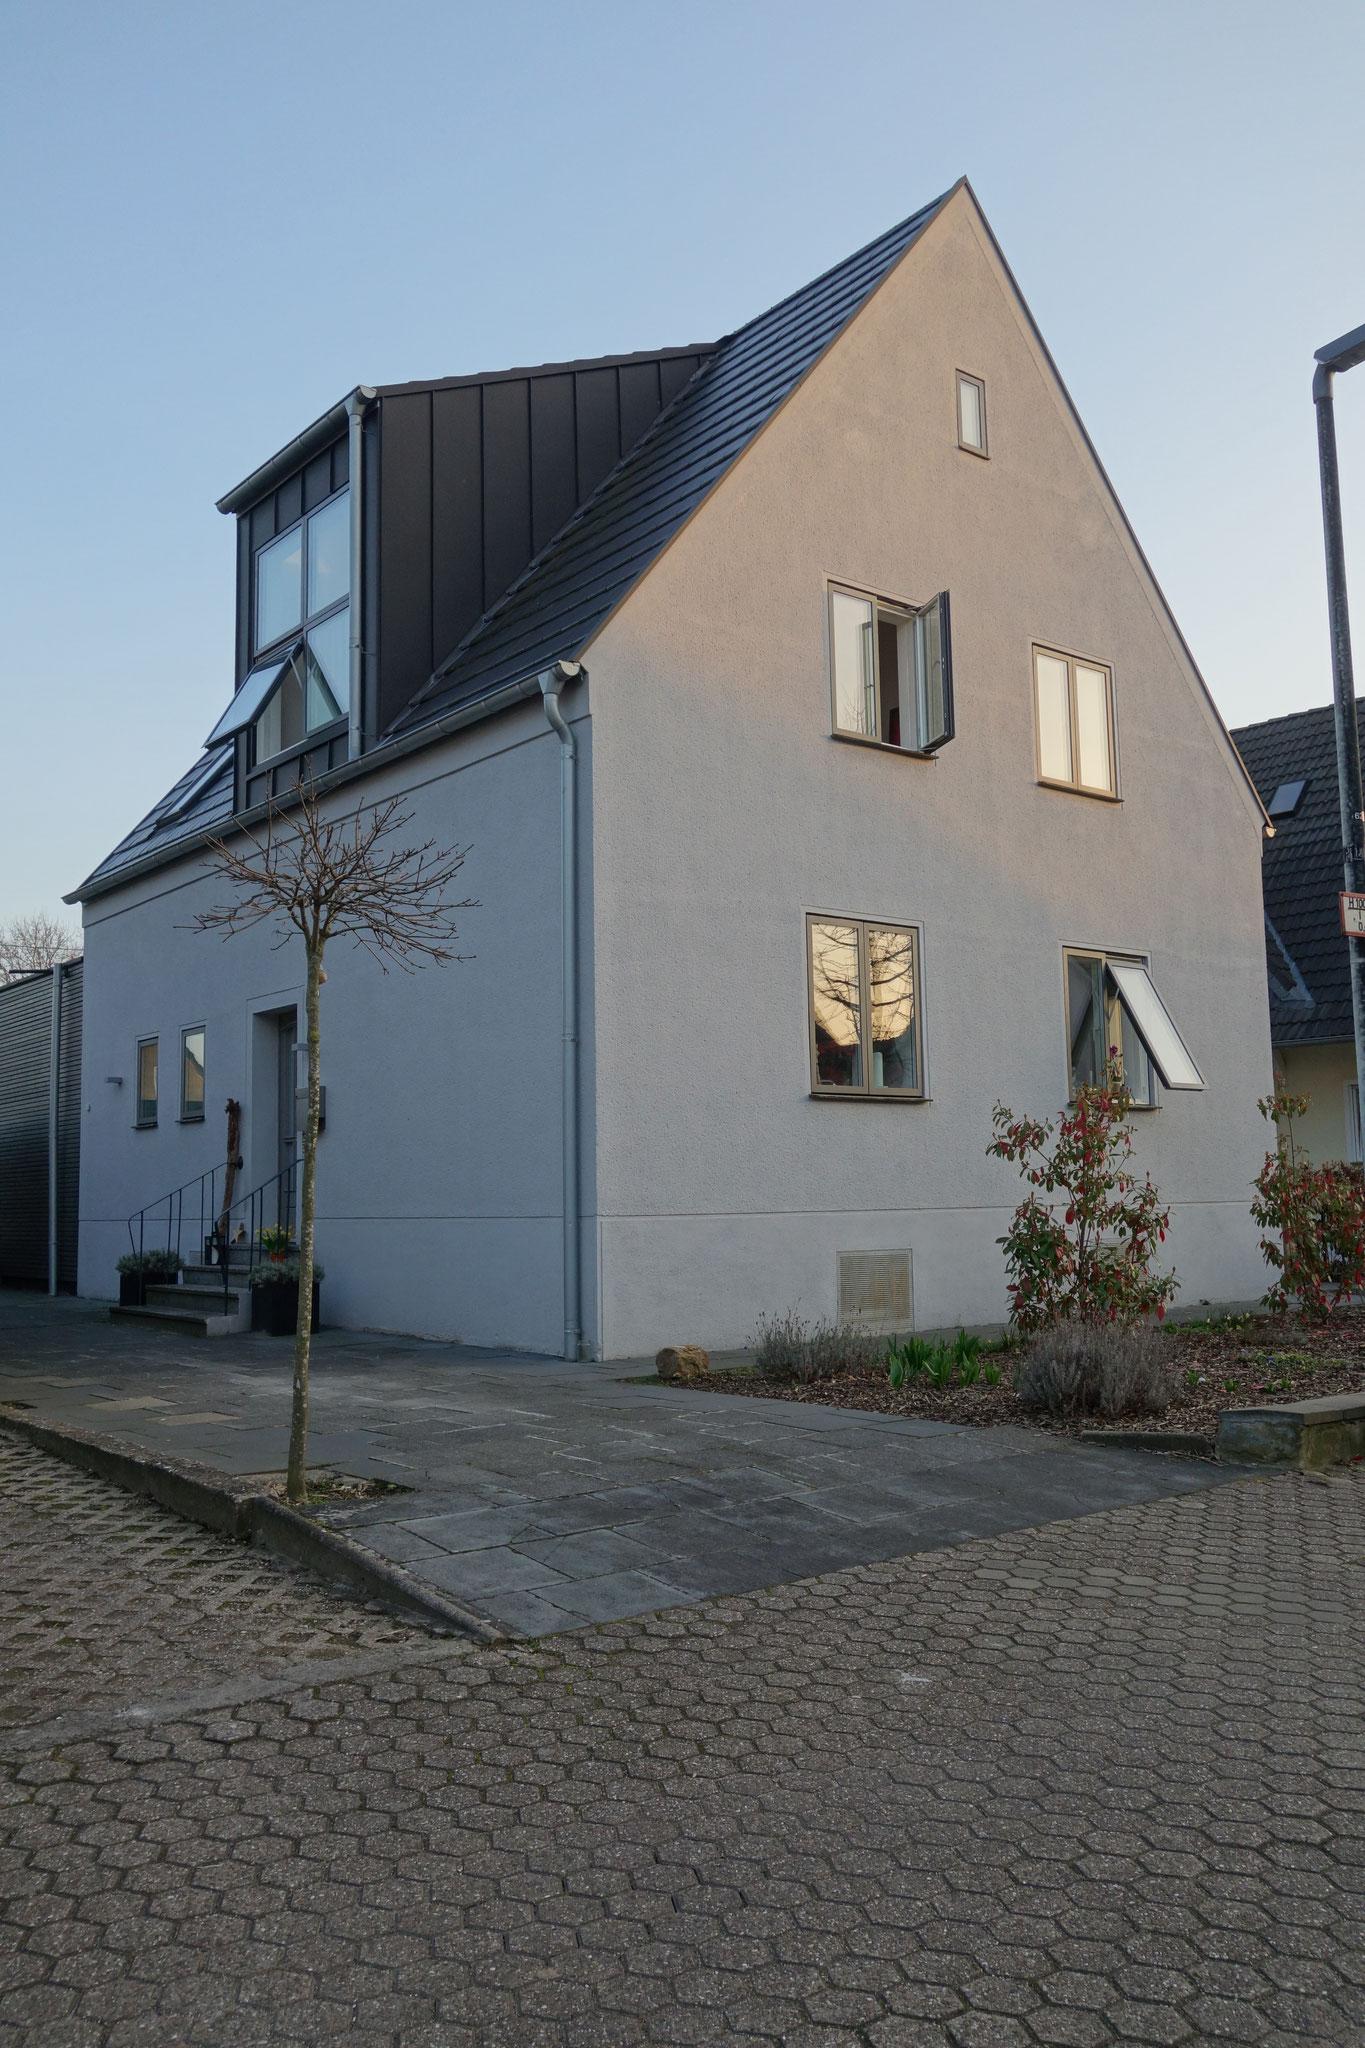 Einfamilienhaus / DAUNDDORT Architekten